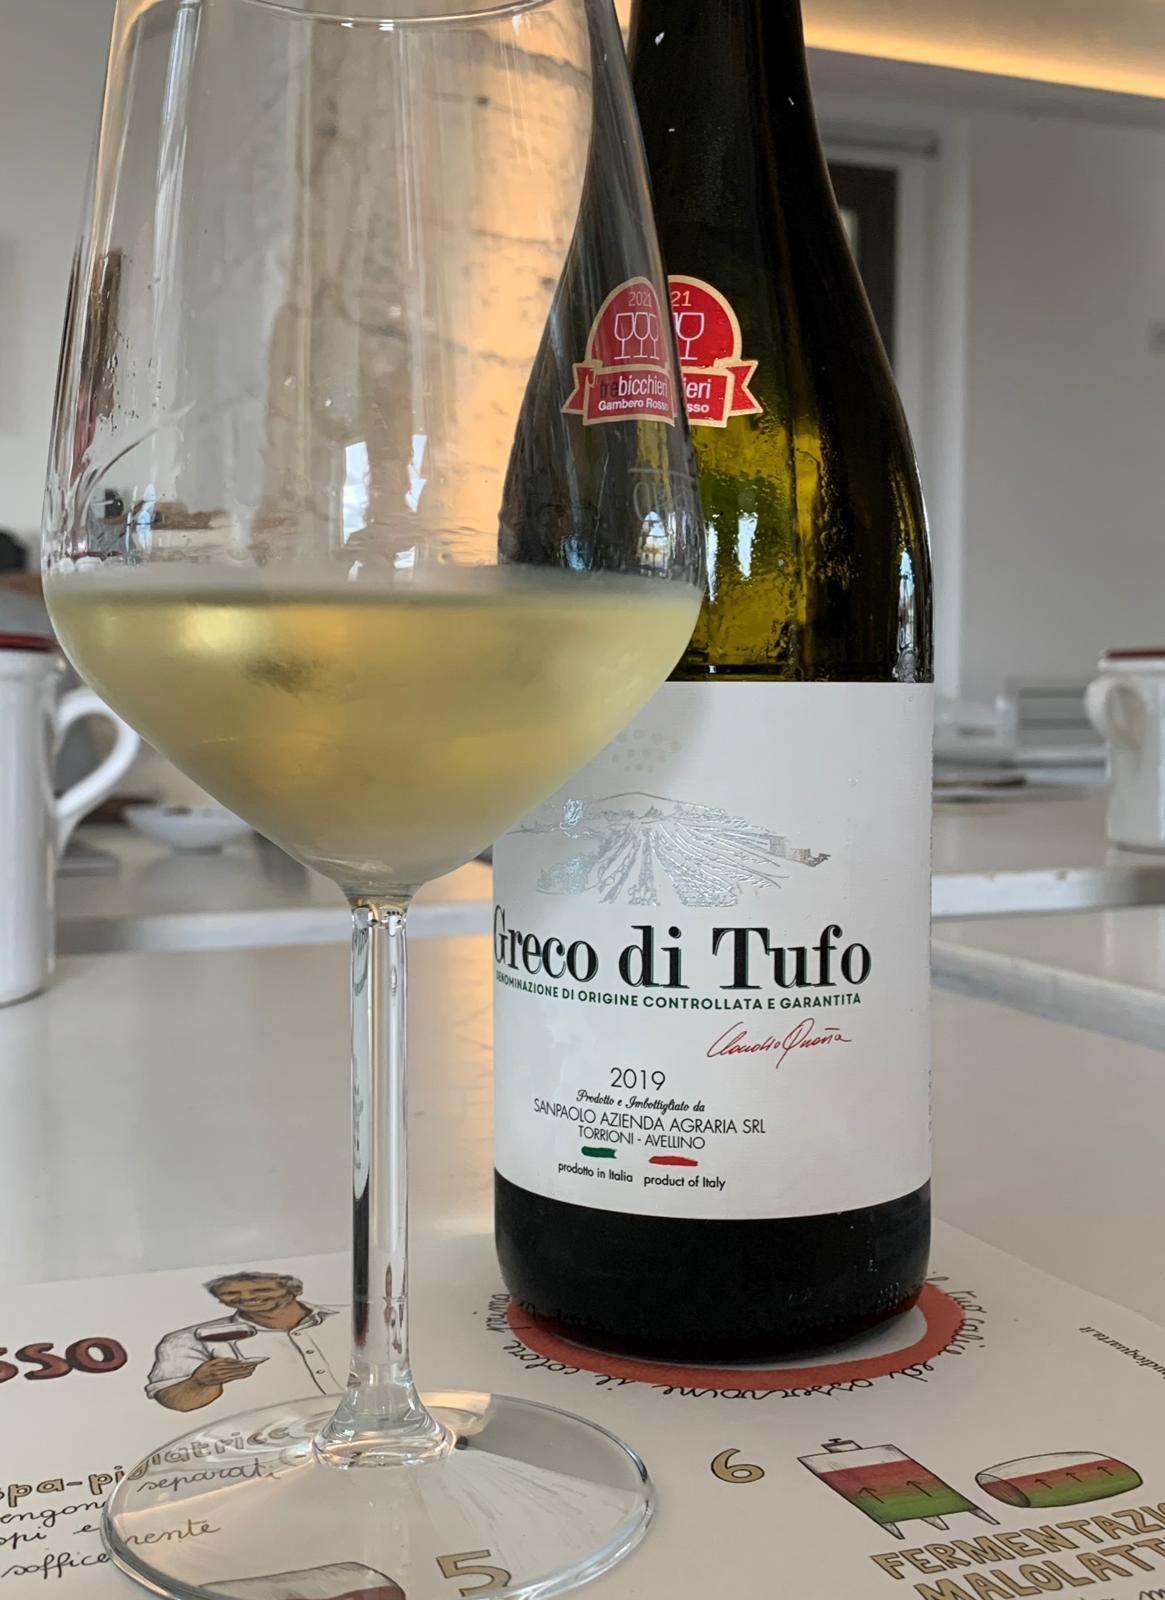 Claudio Quarta Vignaiolo Greco di Tufo